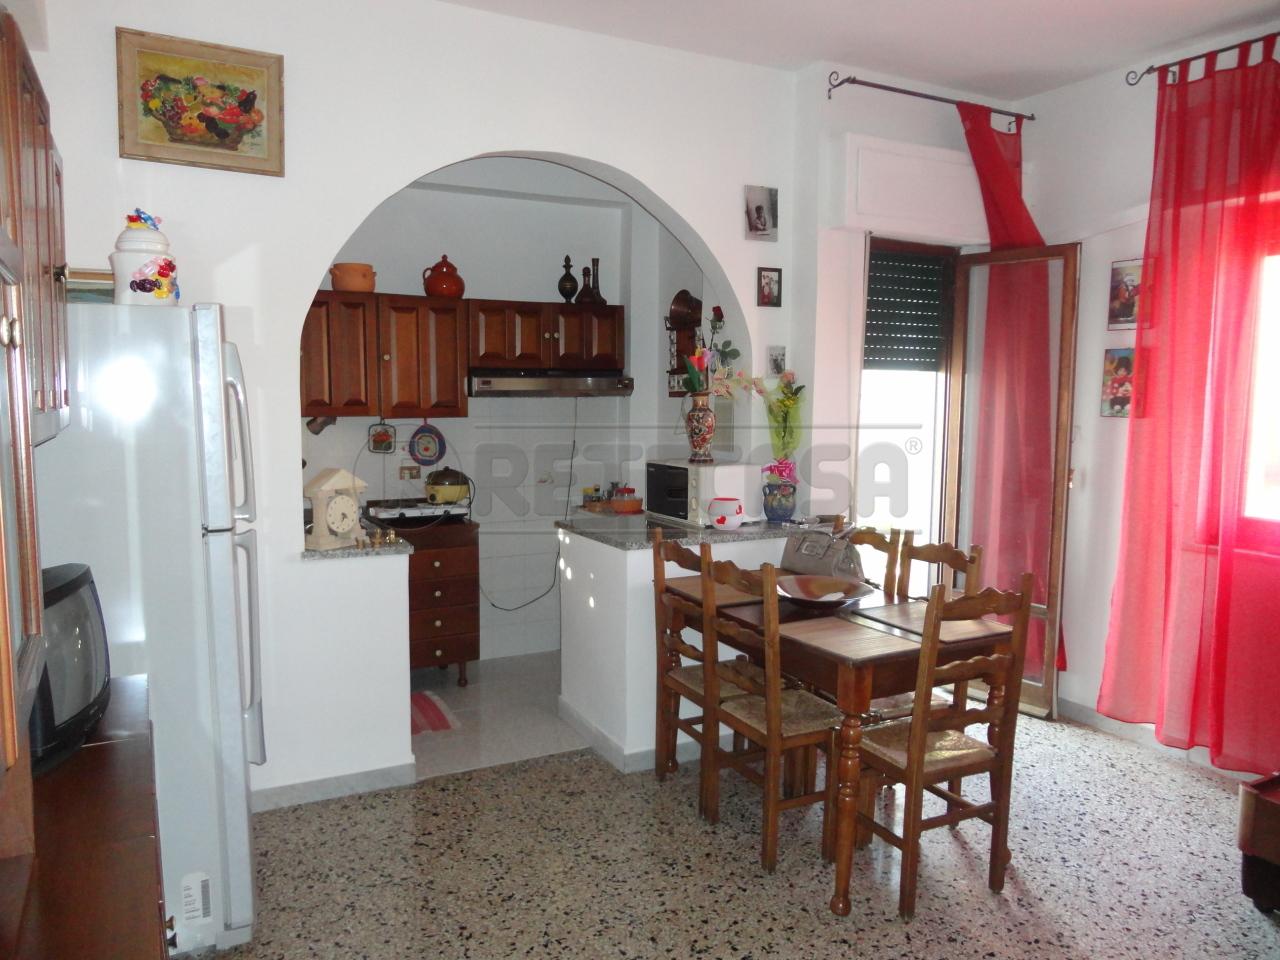 Appartamento in vendita a Catanzaro, 4 locali, prezzo € 70.000 | Cambio Casa.it